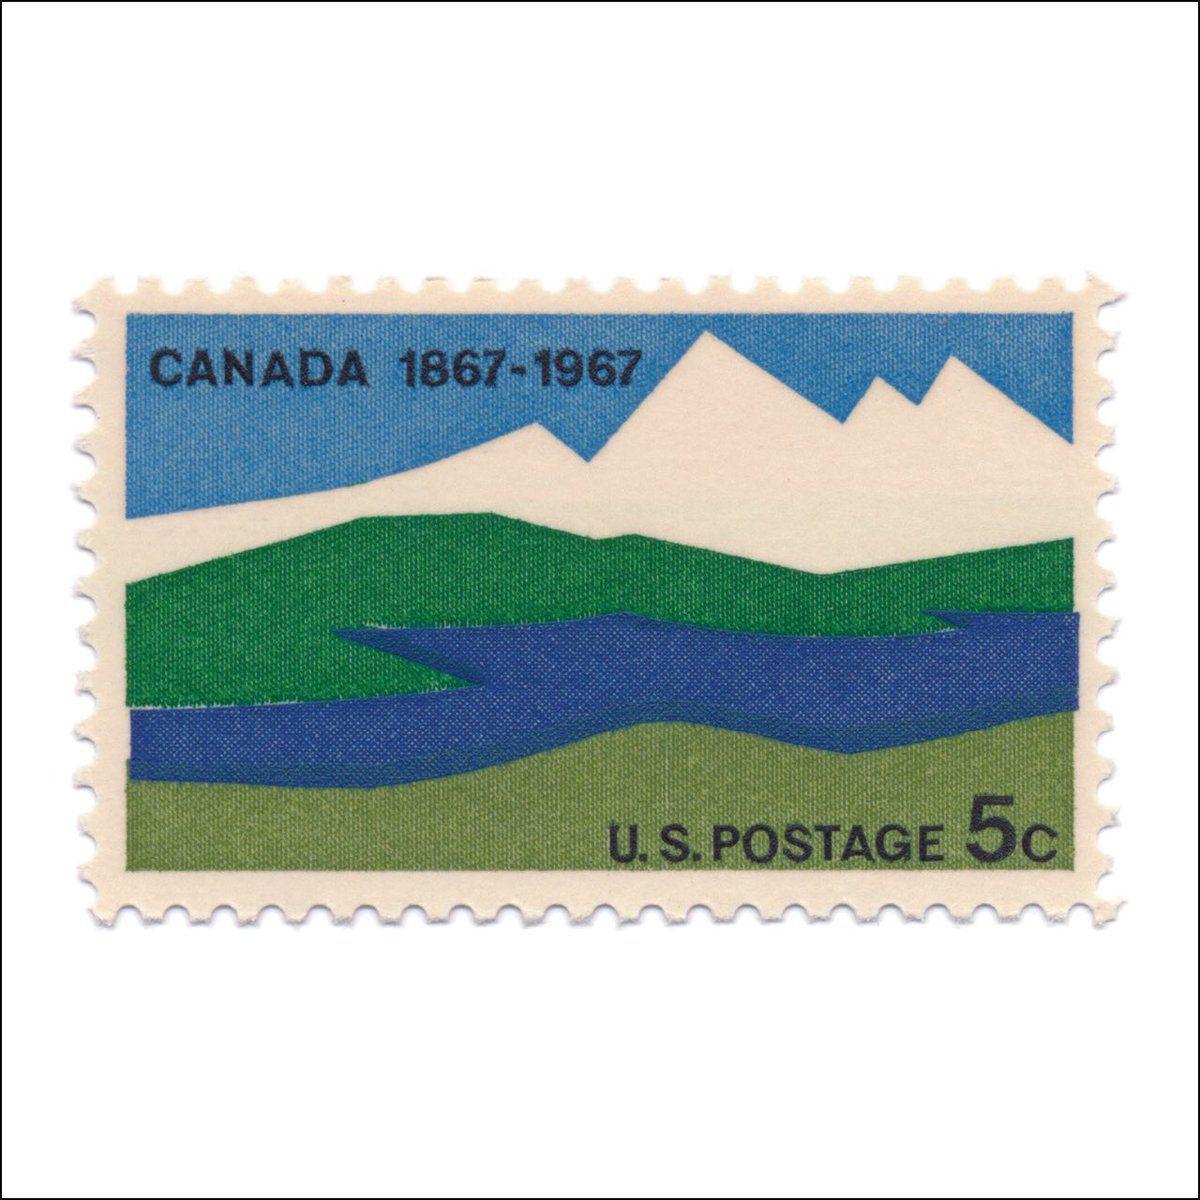 Canada 18671967 (con immagini)